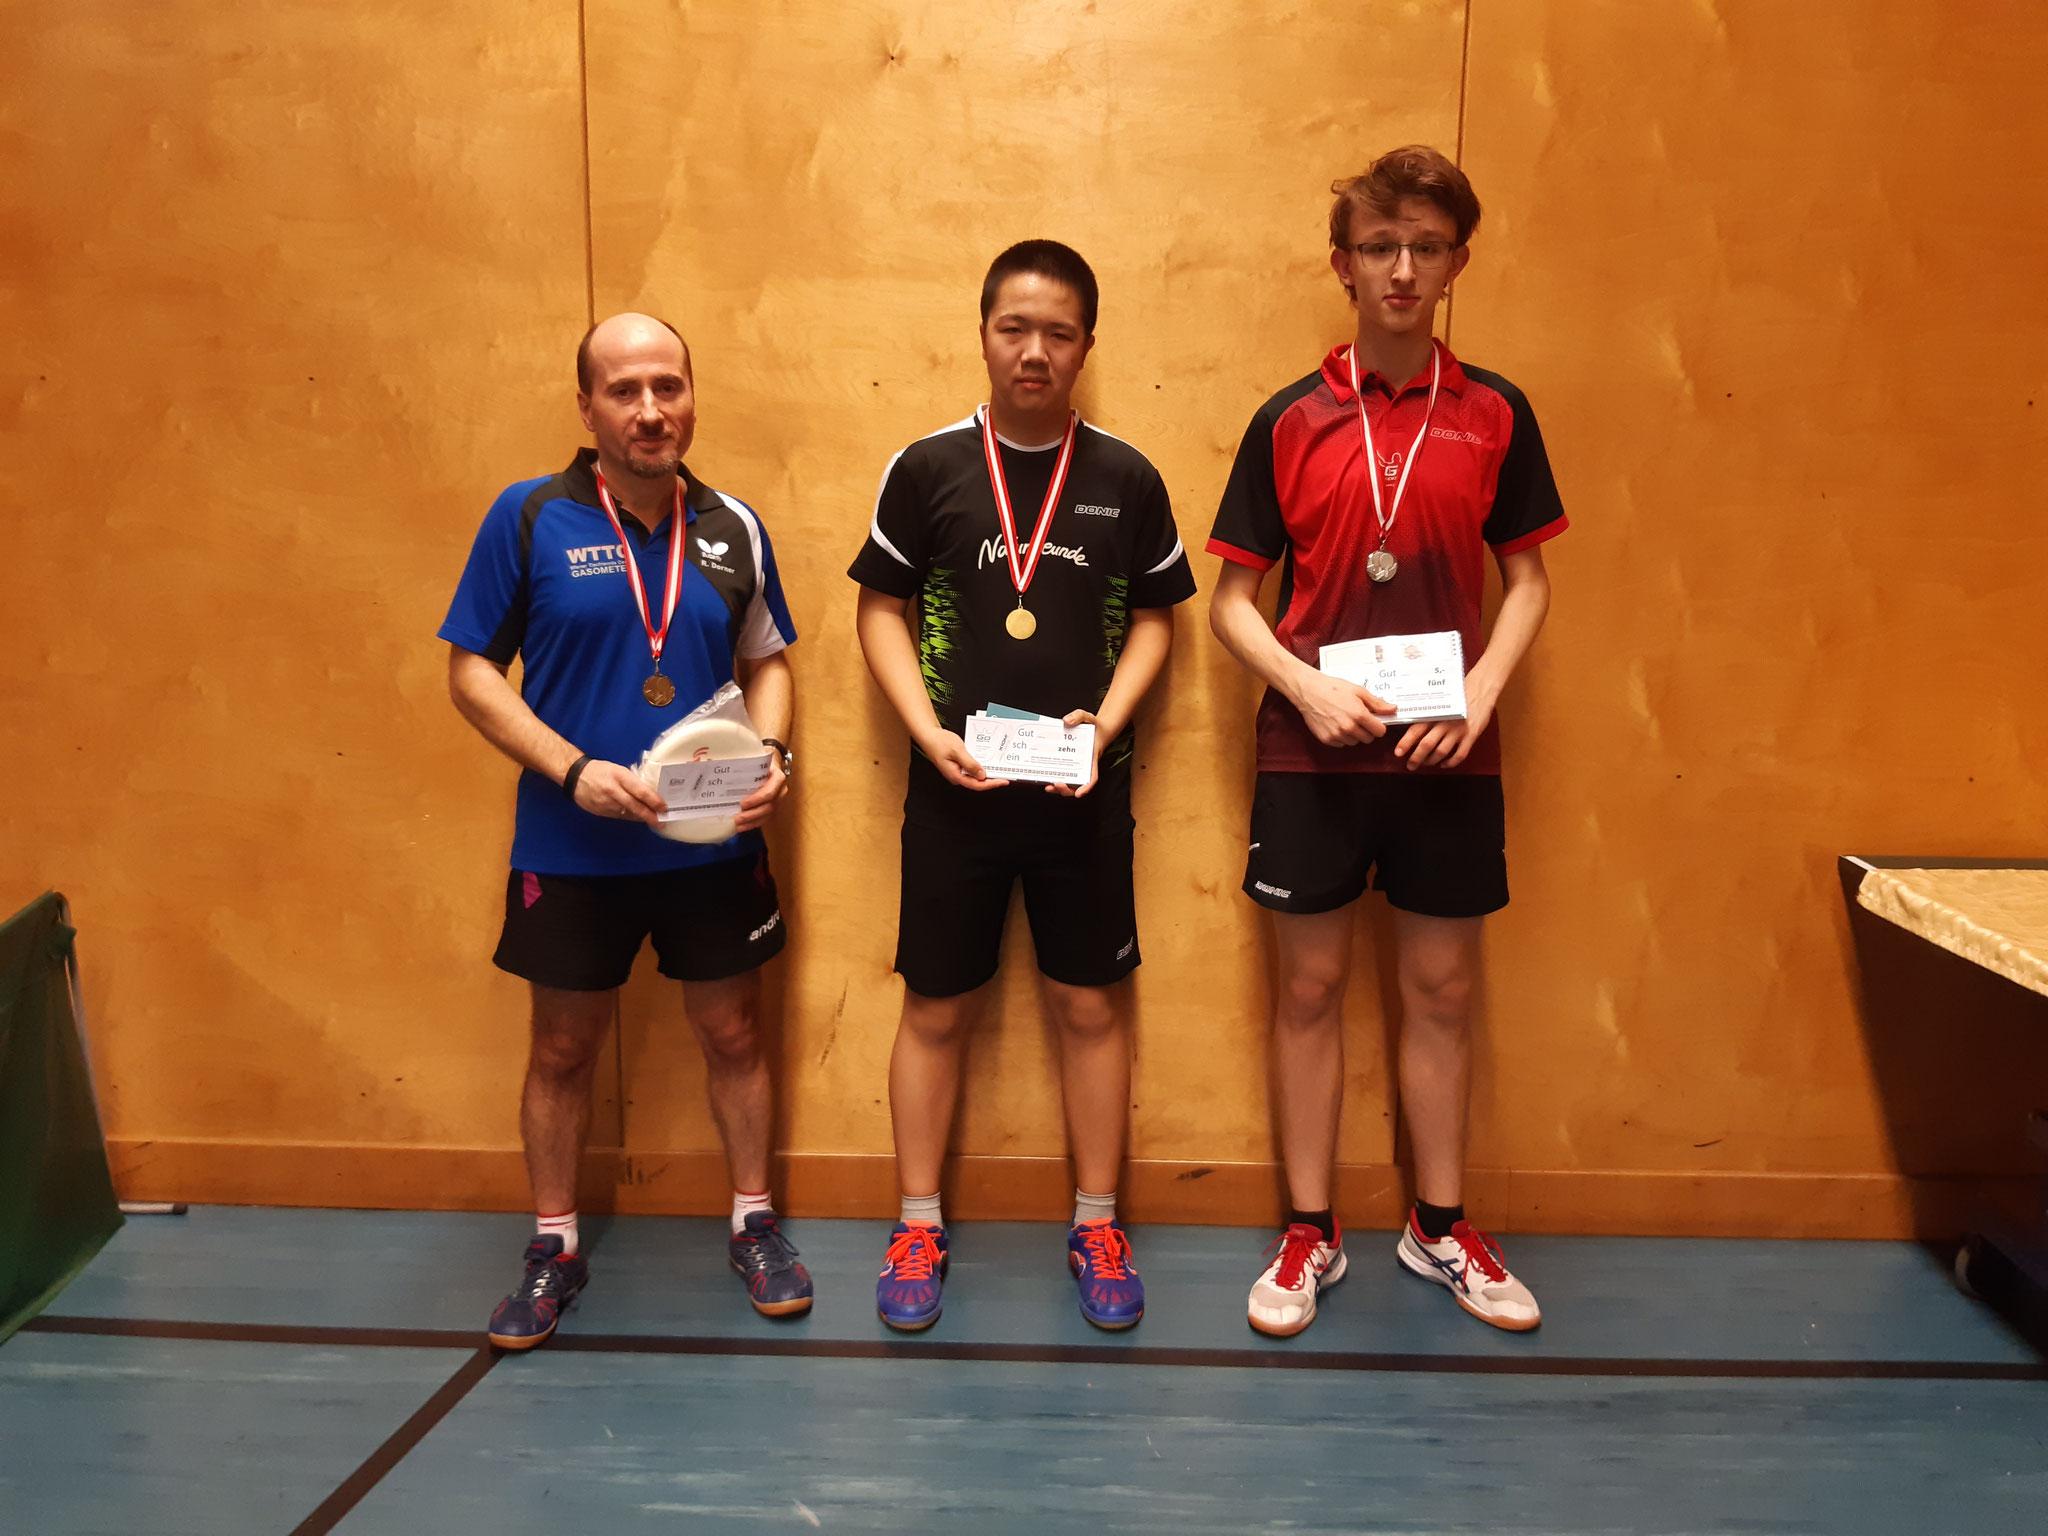 Siegerfoto Bewerb B: v.l.n.r. Roland Dorner (OLD) (Platz 3), Eric Tang (NFS) (Sieger), Felix Kampas (LENZ) (Platz 2)